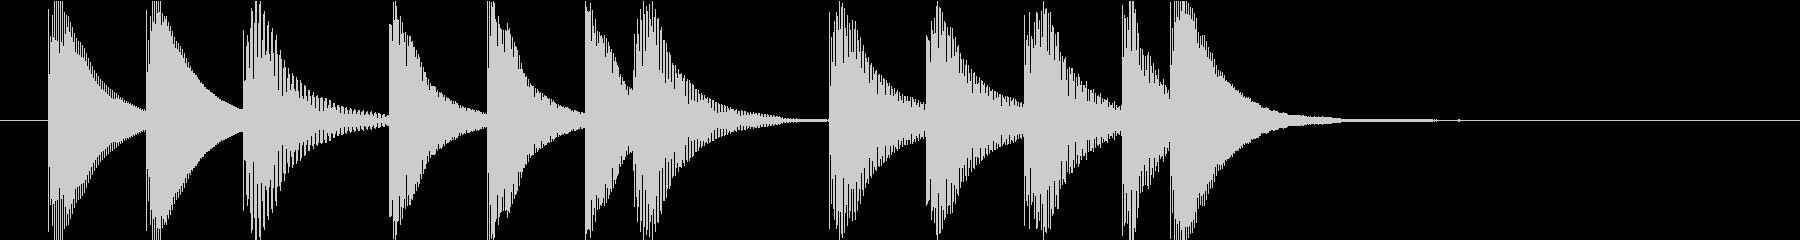 マリンバのクエスト・ミニゲームクリア音2の未再生の波形